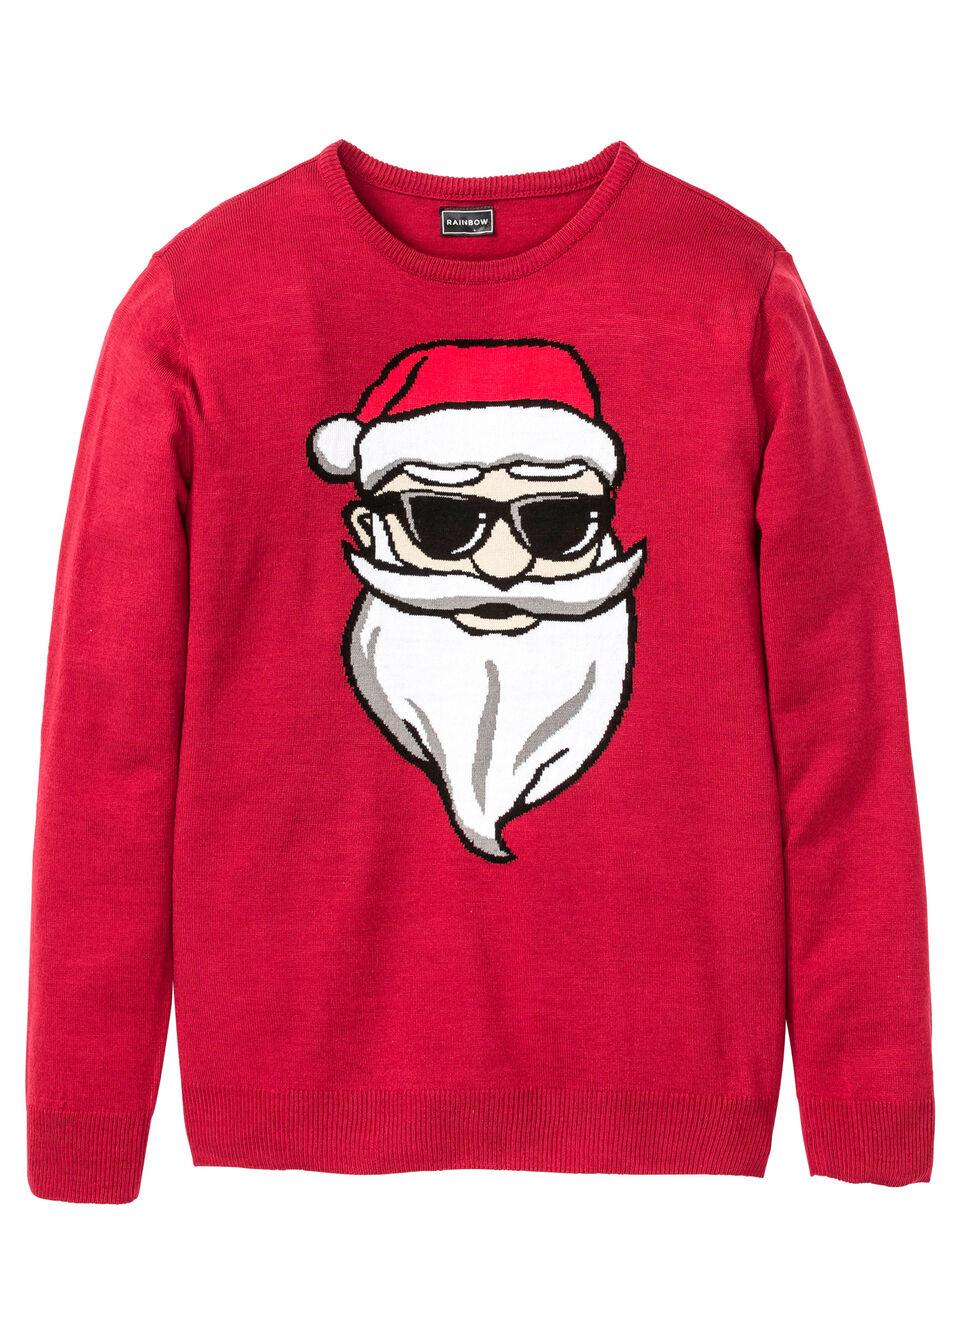 Пуловер с новогодним узором от bonprix